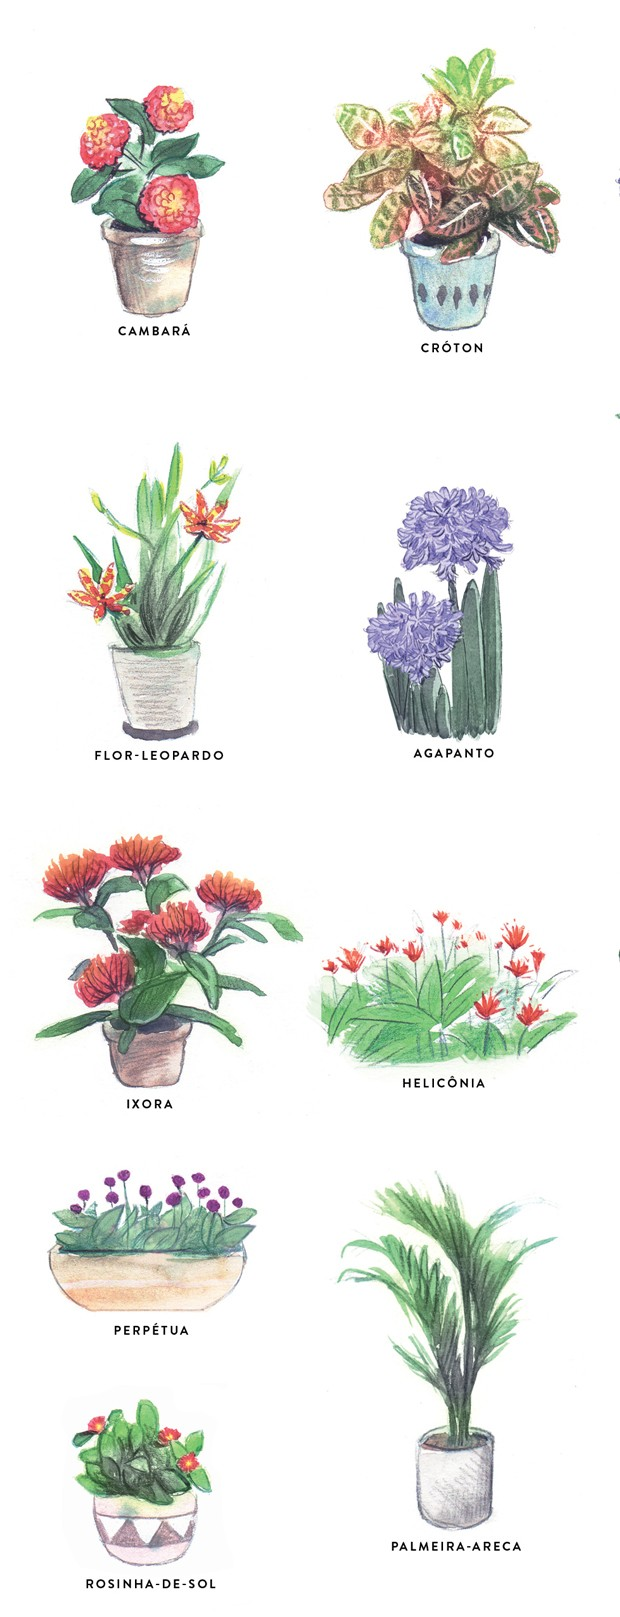 Plantas que adoram banho de sol (Foto: Ilustração Mary Cagnin)